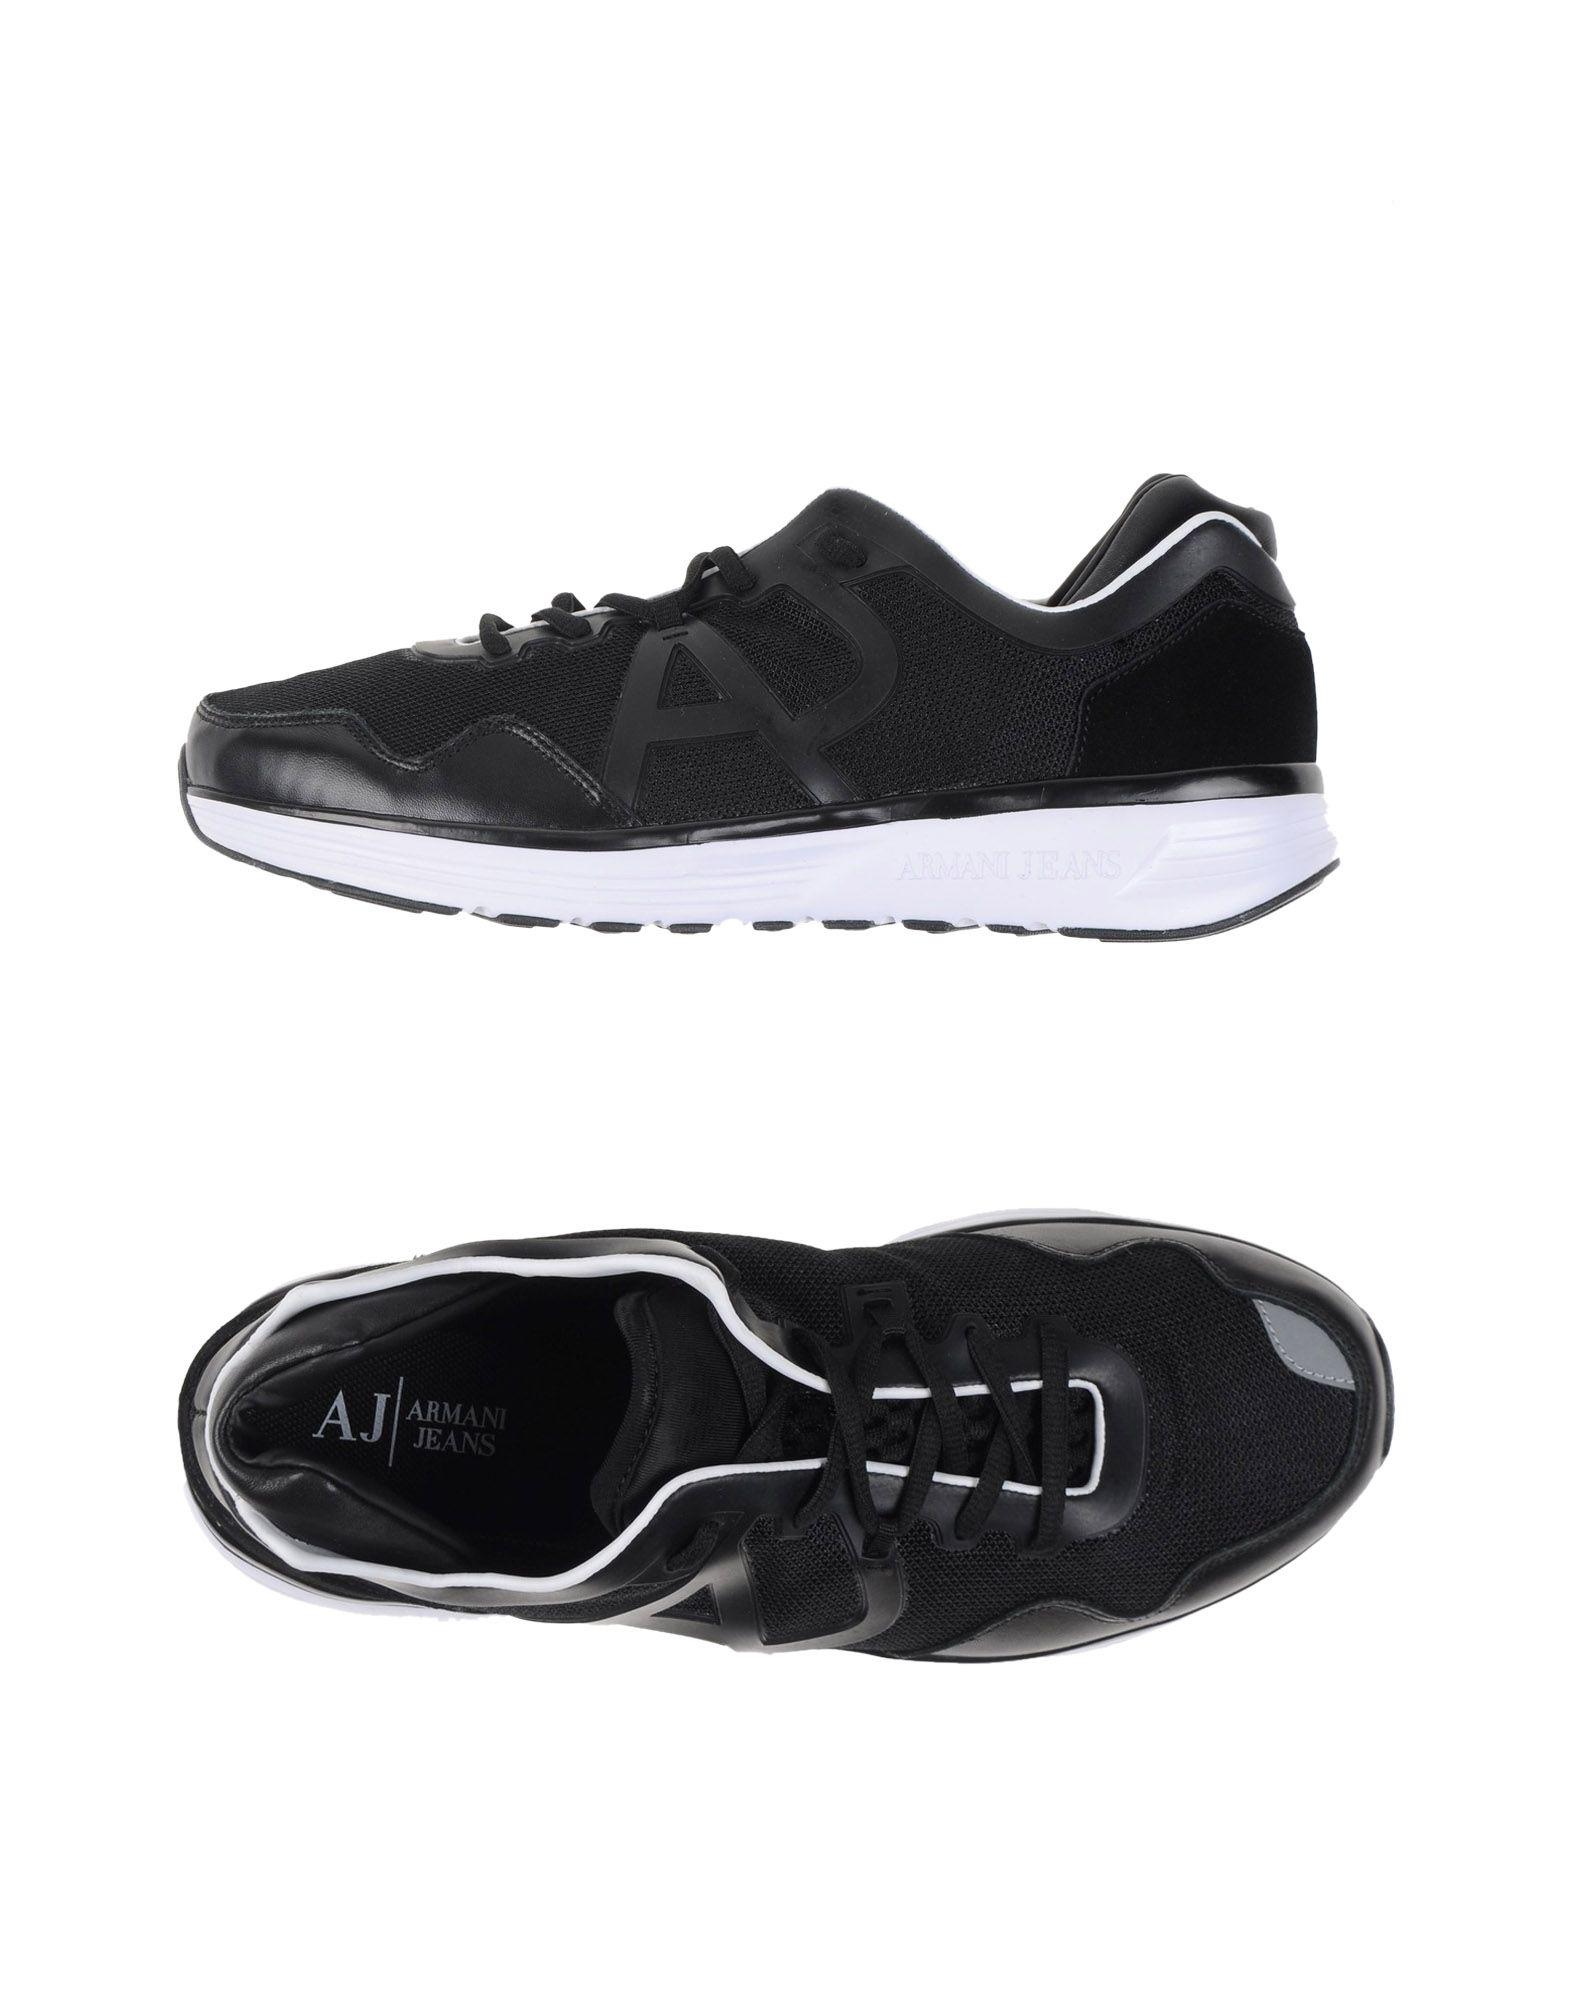 Un rétro pour le armani jeans homme chaussure Rose - diner-et-spectacle.fr  2018 2019 Chaussures confortables Homme ARMANI JEANS - Basket 935126 -  7a407 Noir 1b9489b48fb